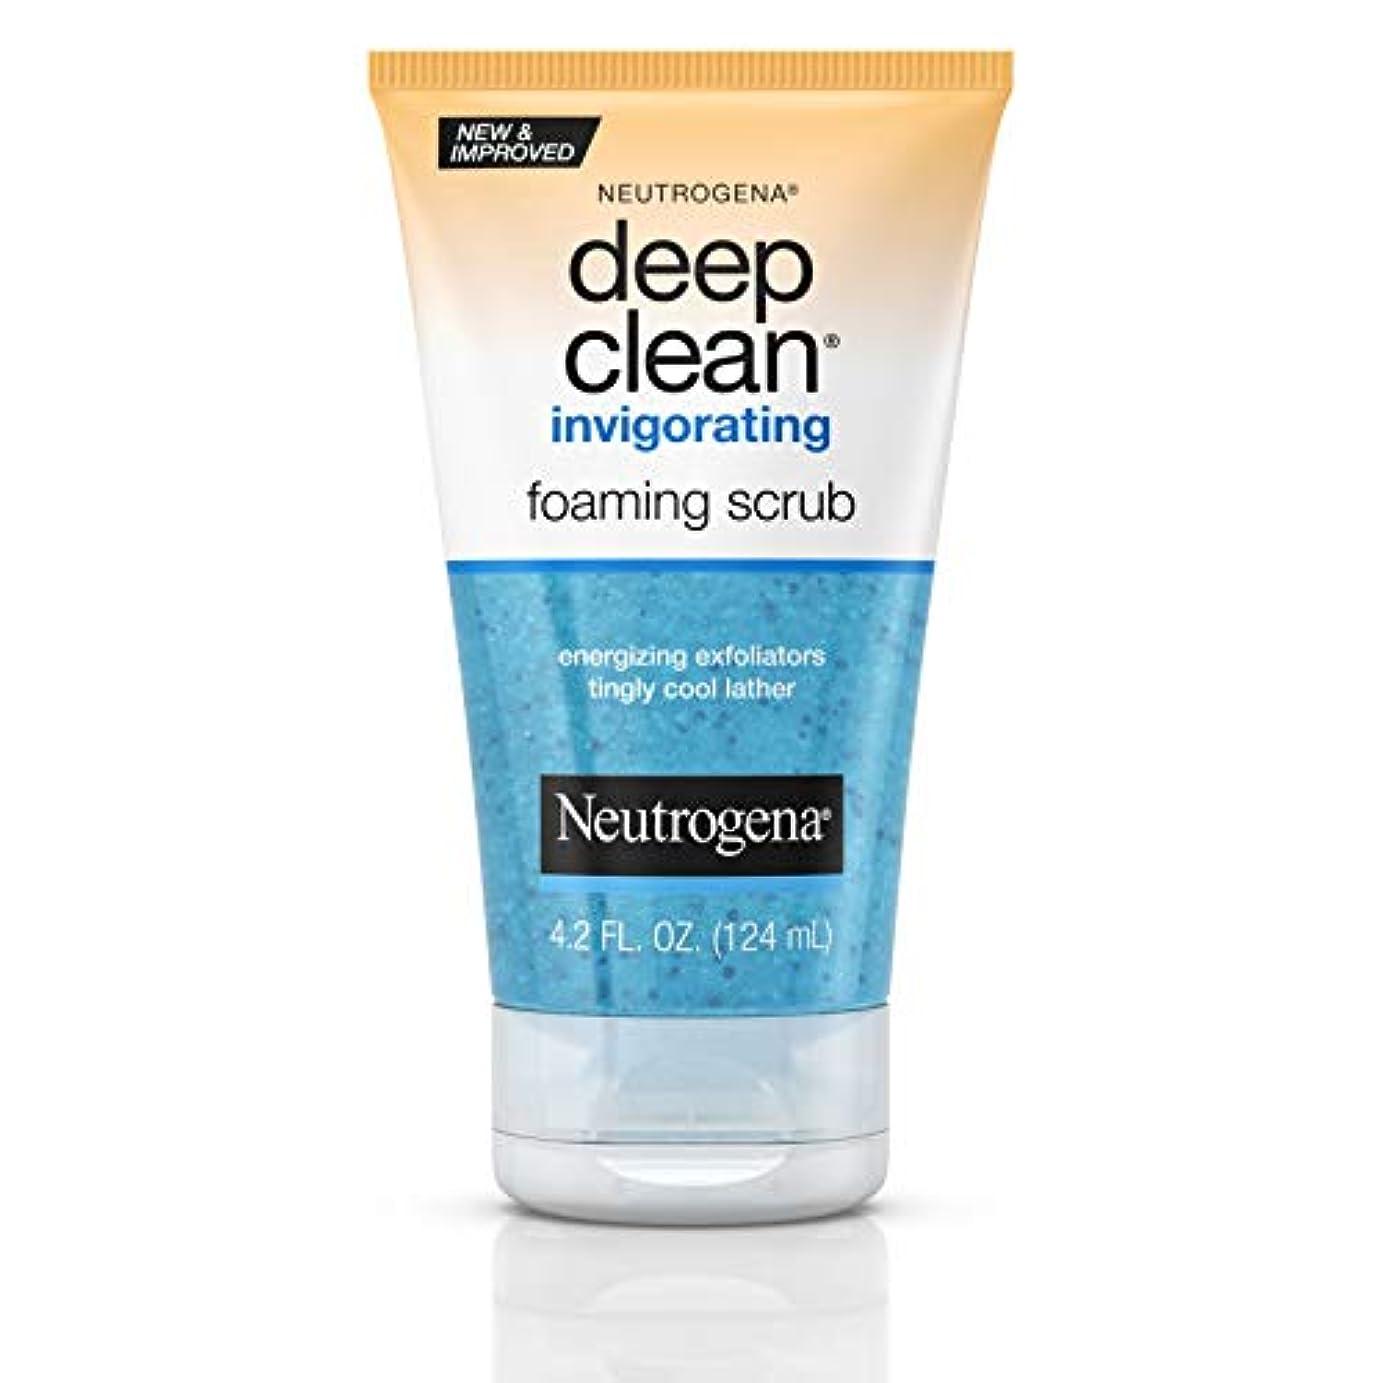 森林敏感な感染するNeutrogena Deep Clean Invigorating Foaming Scrub ニキビのための皮膚の奥までキレイにする洗顔ジェル125ml